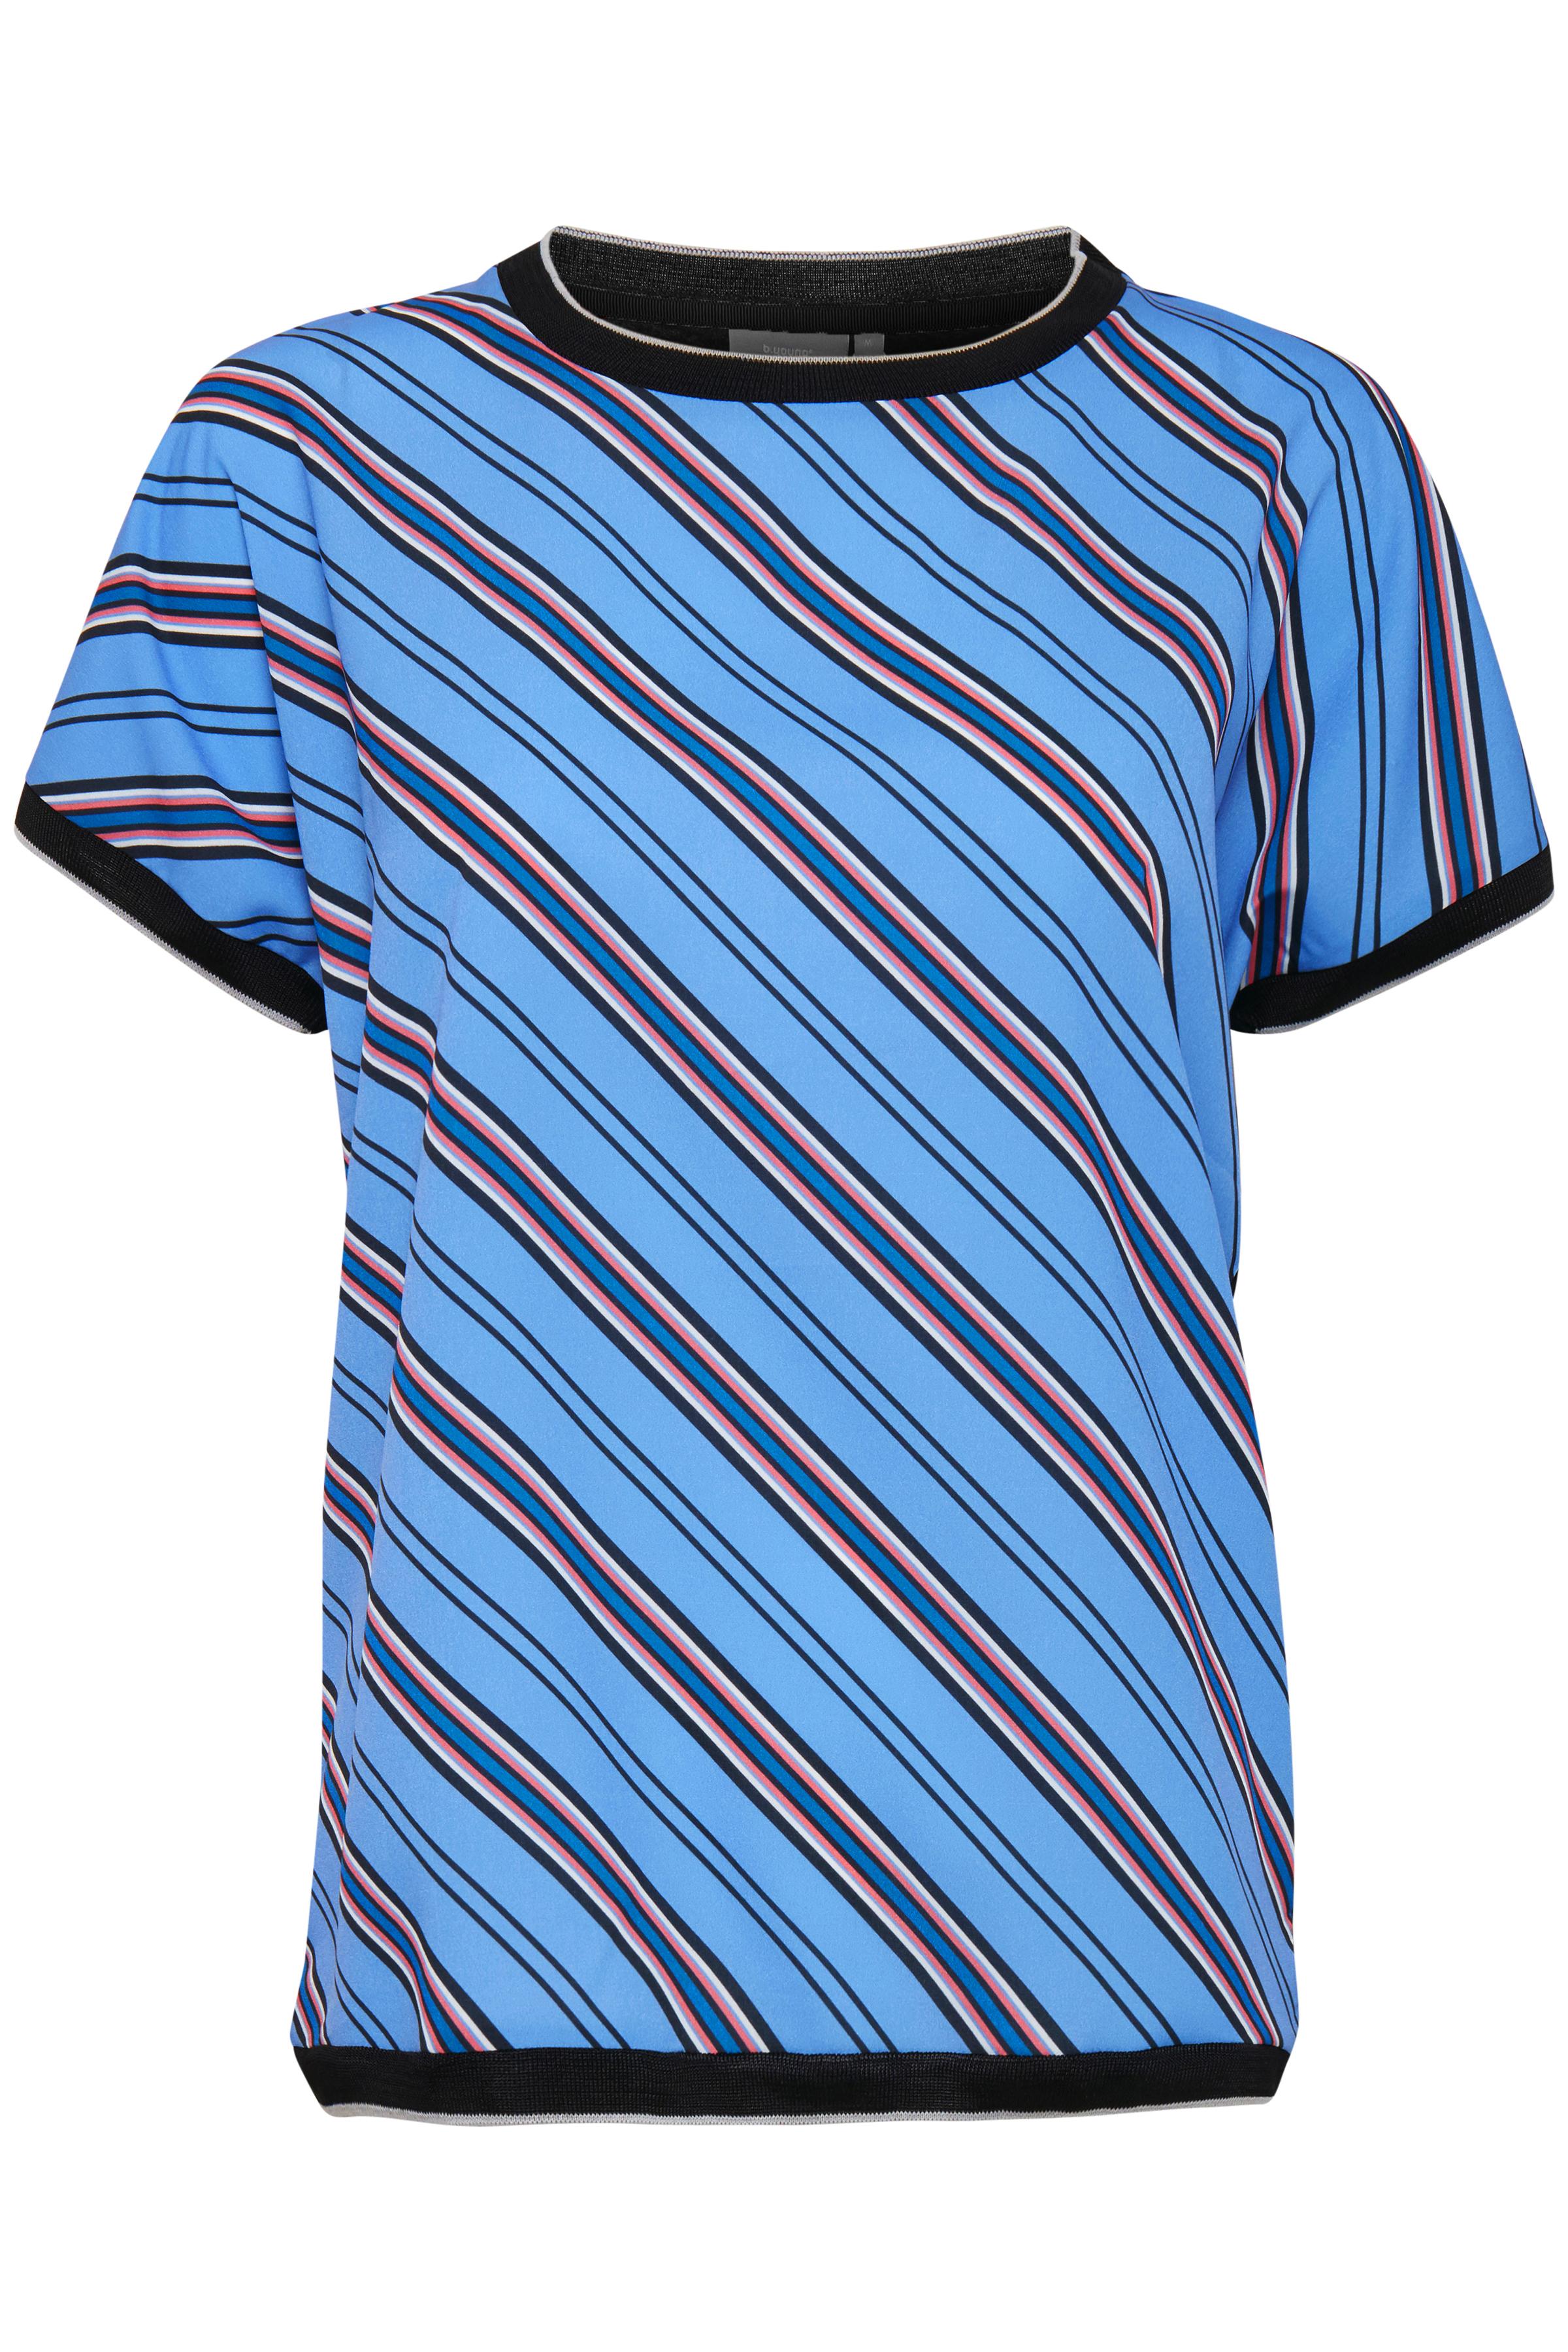 Dimblå/marinblå